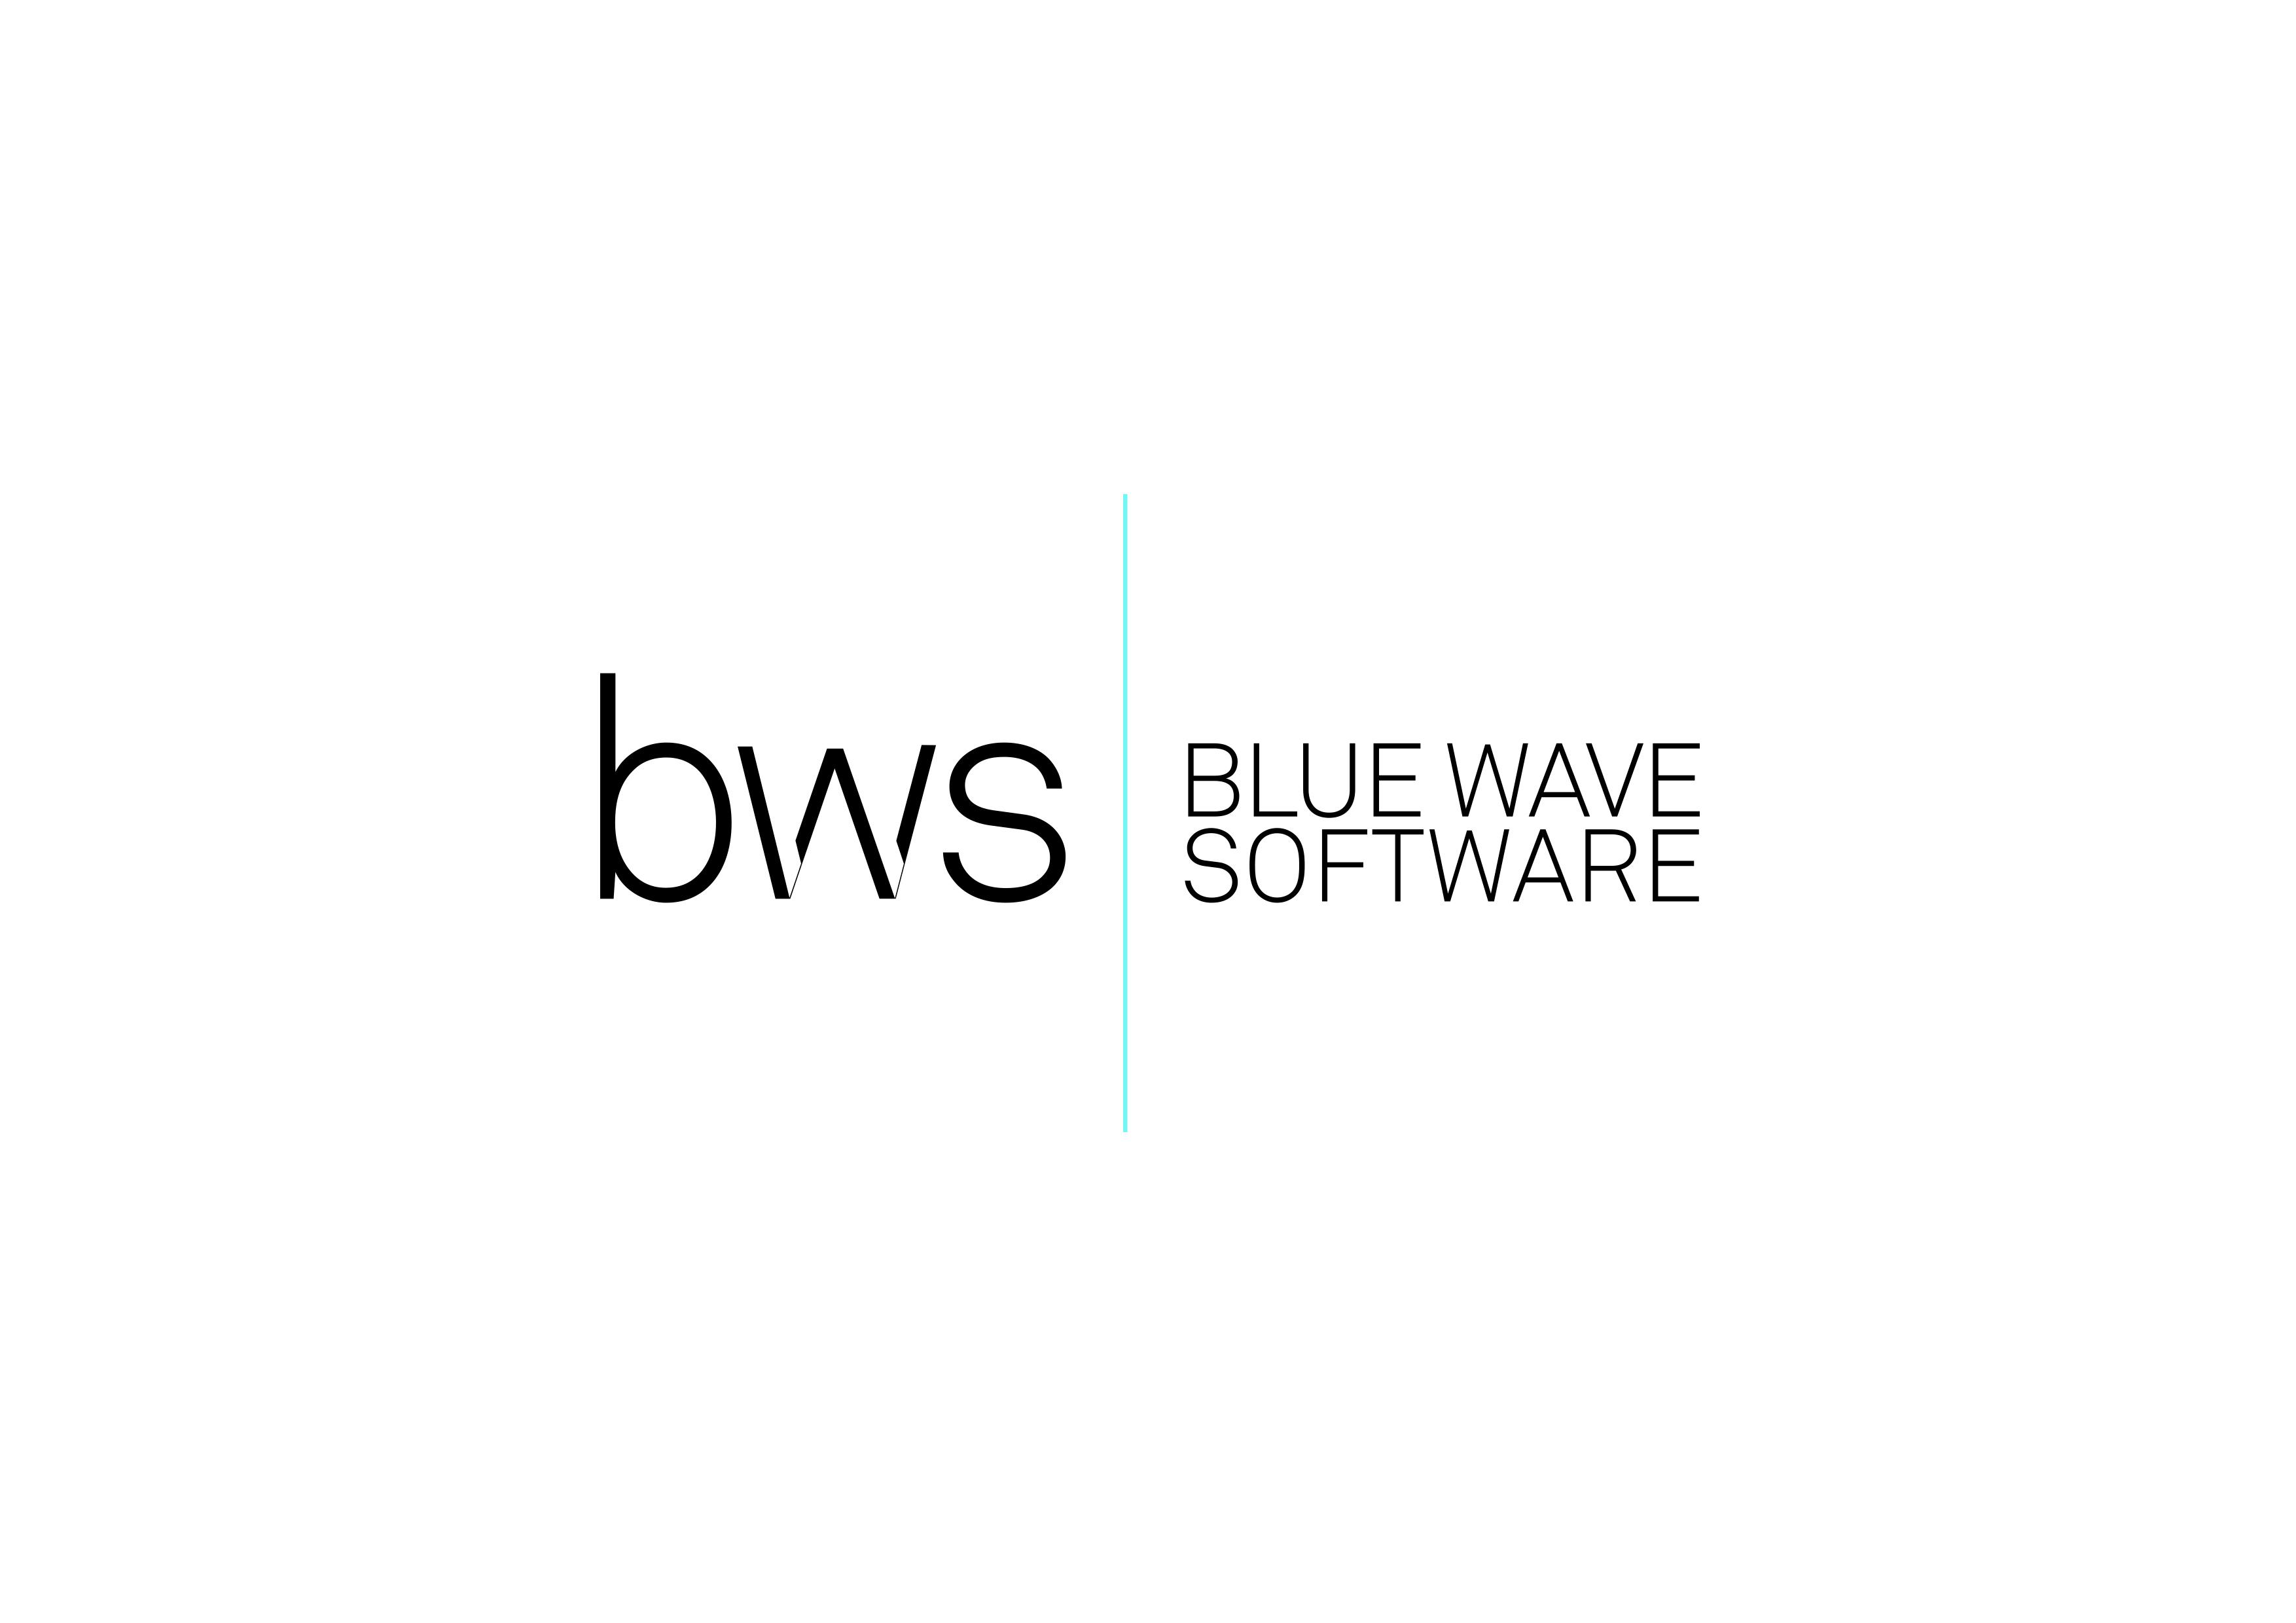 BLUE WAVE SOFTWARE